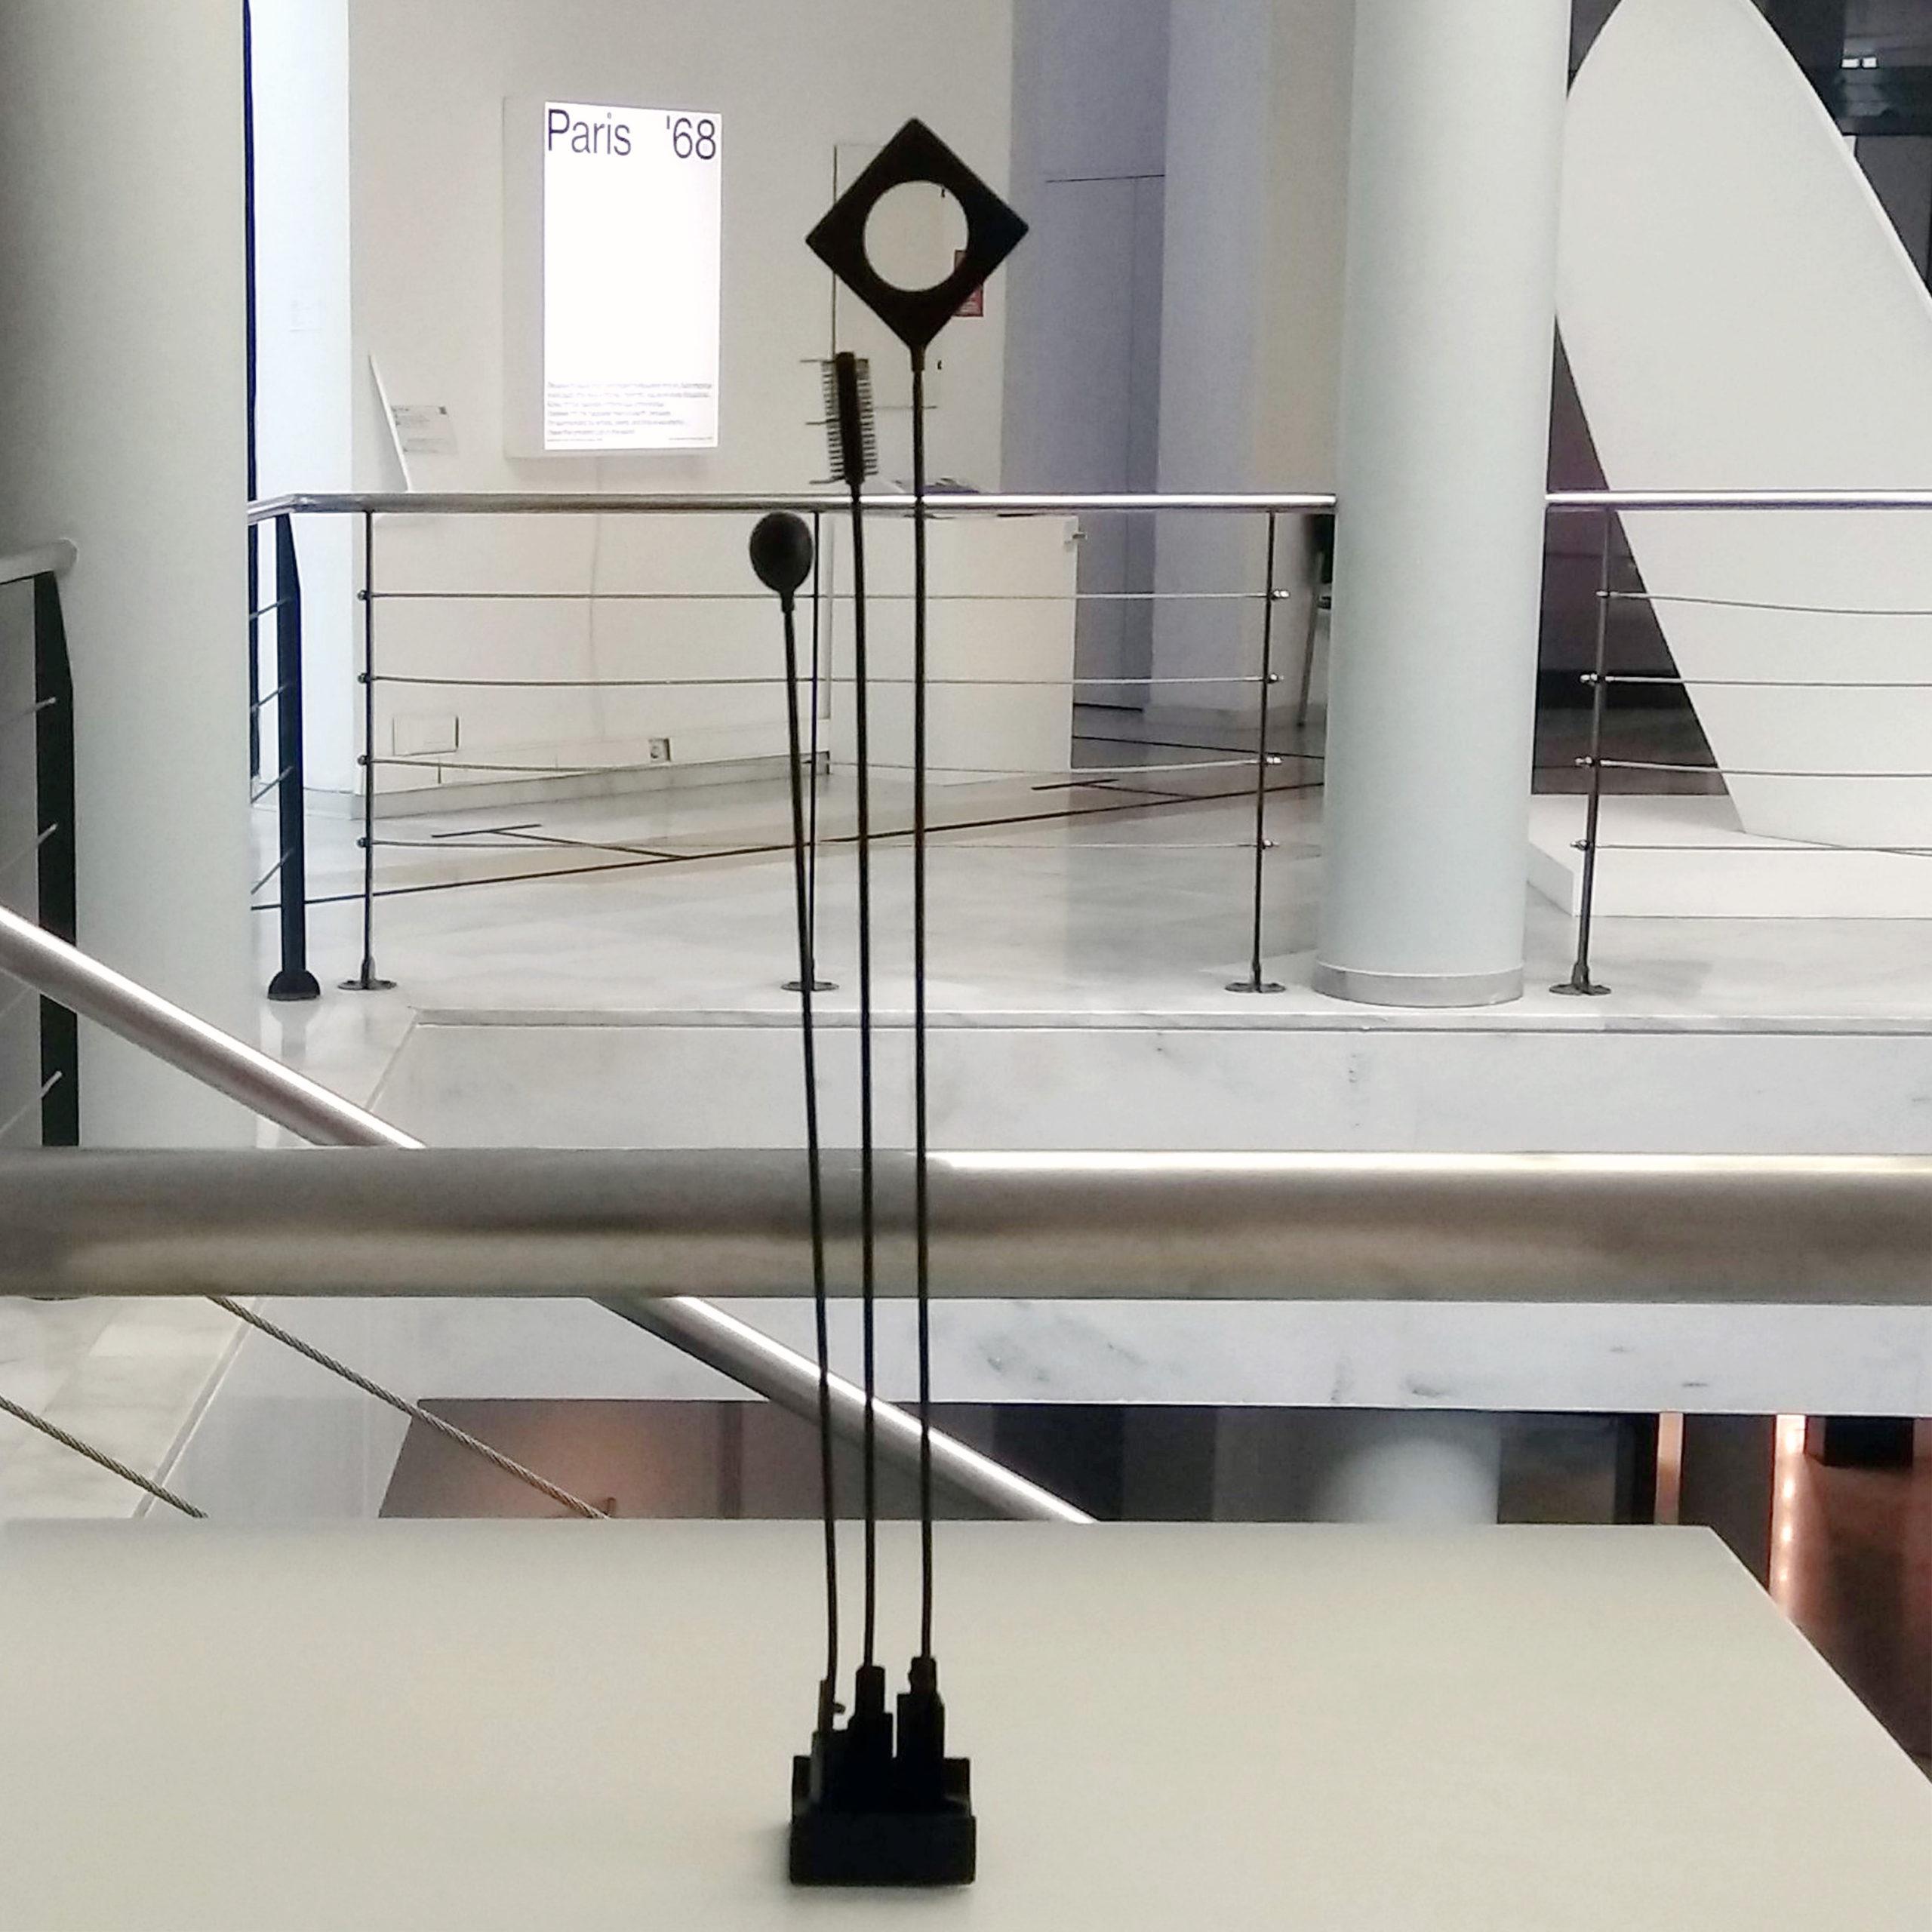 Απτικό βοήθημα για το έργο Σινιάλα. Έχει δημιουργηθεί με χύτευση σε μεταλλο σε καλούπι από τρισδιάστατη εκτύπωση. Είναι από μέταλλο σε χρώμα μαύρο. Αποτελείται από τρεις λεπτές βέργες που απολήγουν σε ένα γεωμετρικό στοιχείο, ένα ρόμβο με κενό στη μέση, μια σφαίρα και ένα κυλινδρικό σχήμα.